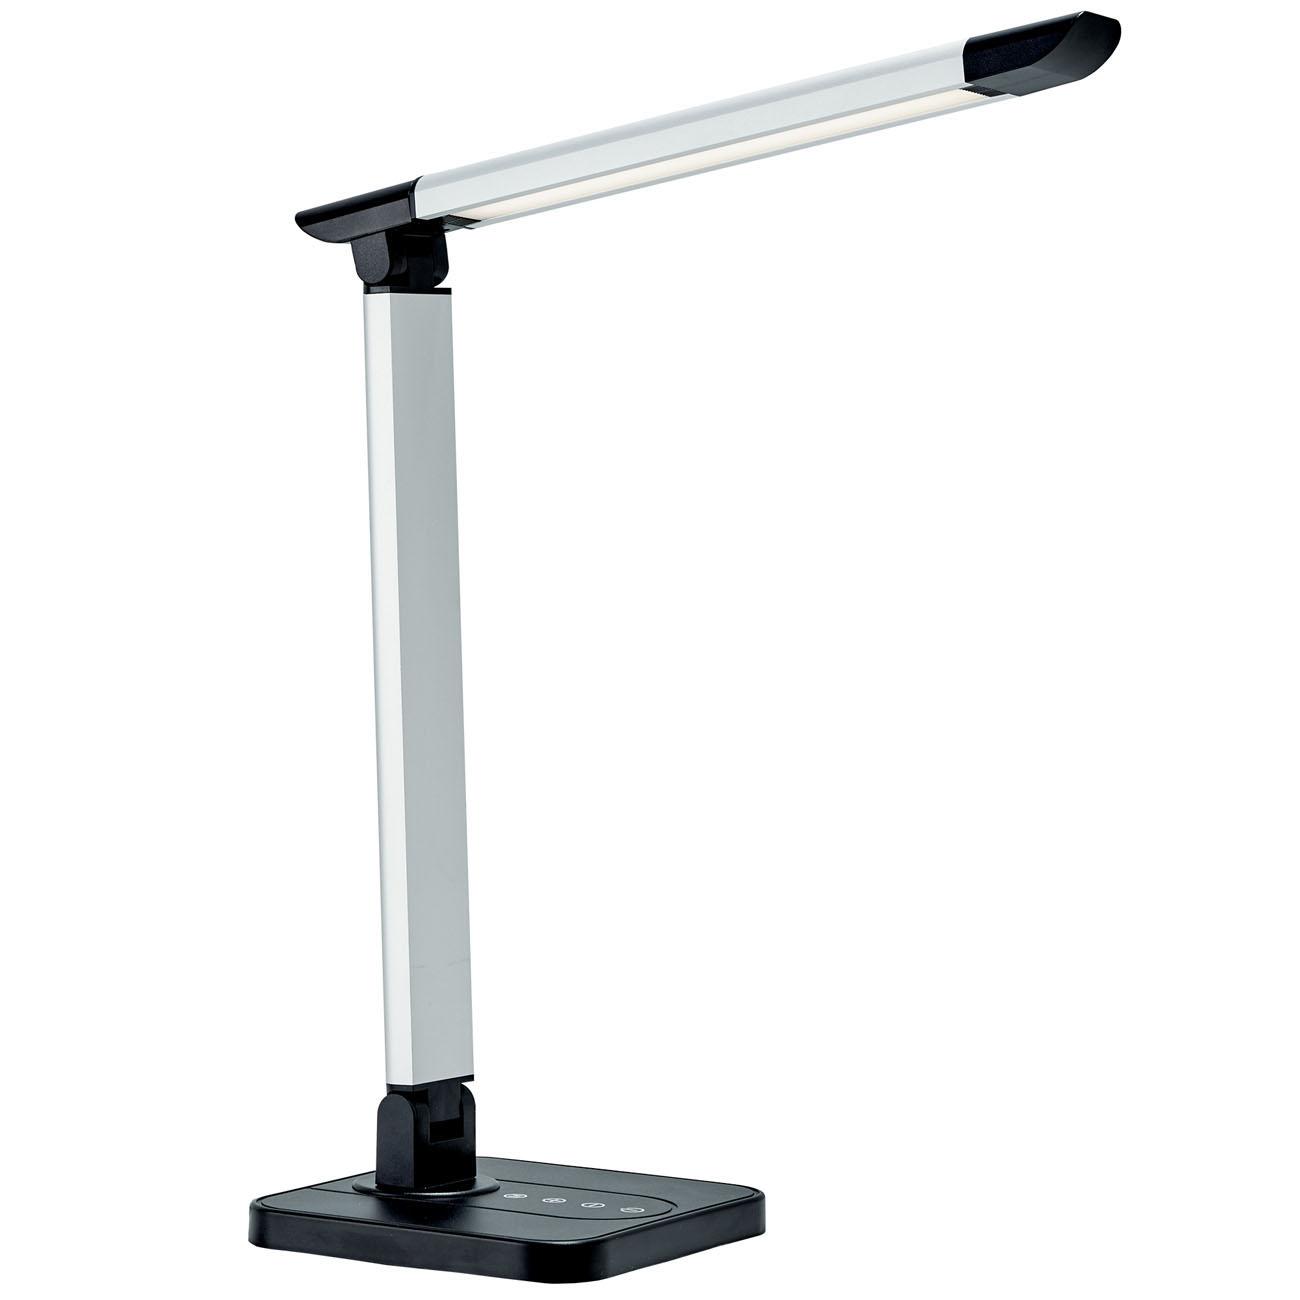 LED Schreibtischleuchte schwenkbar dimmbar schwarz - 4